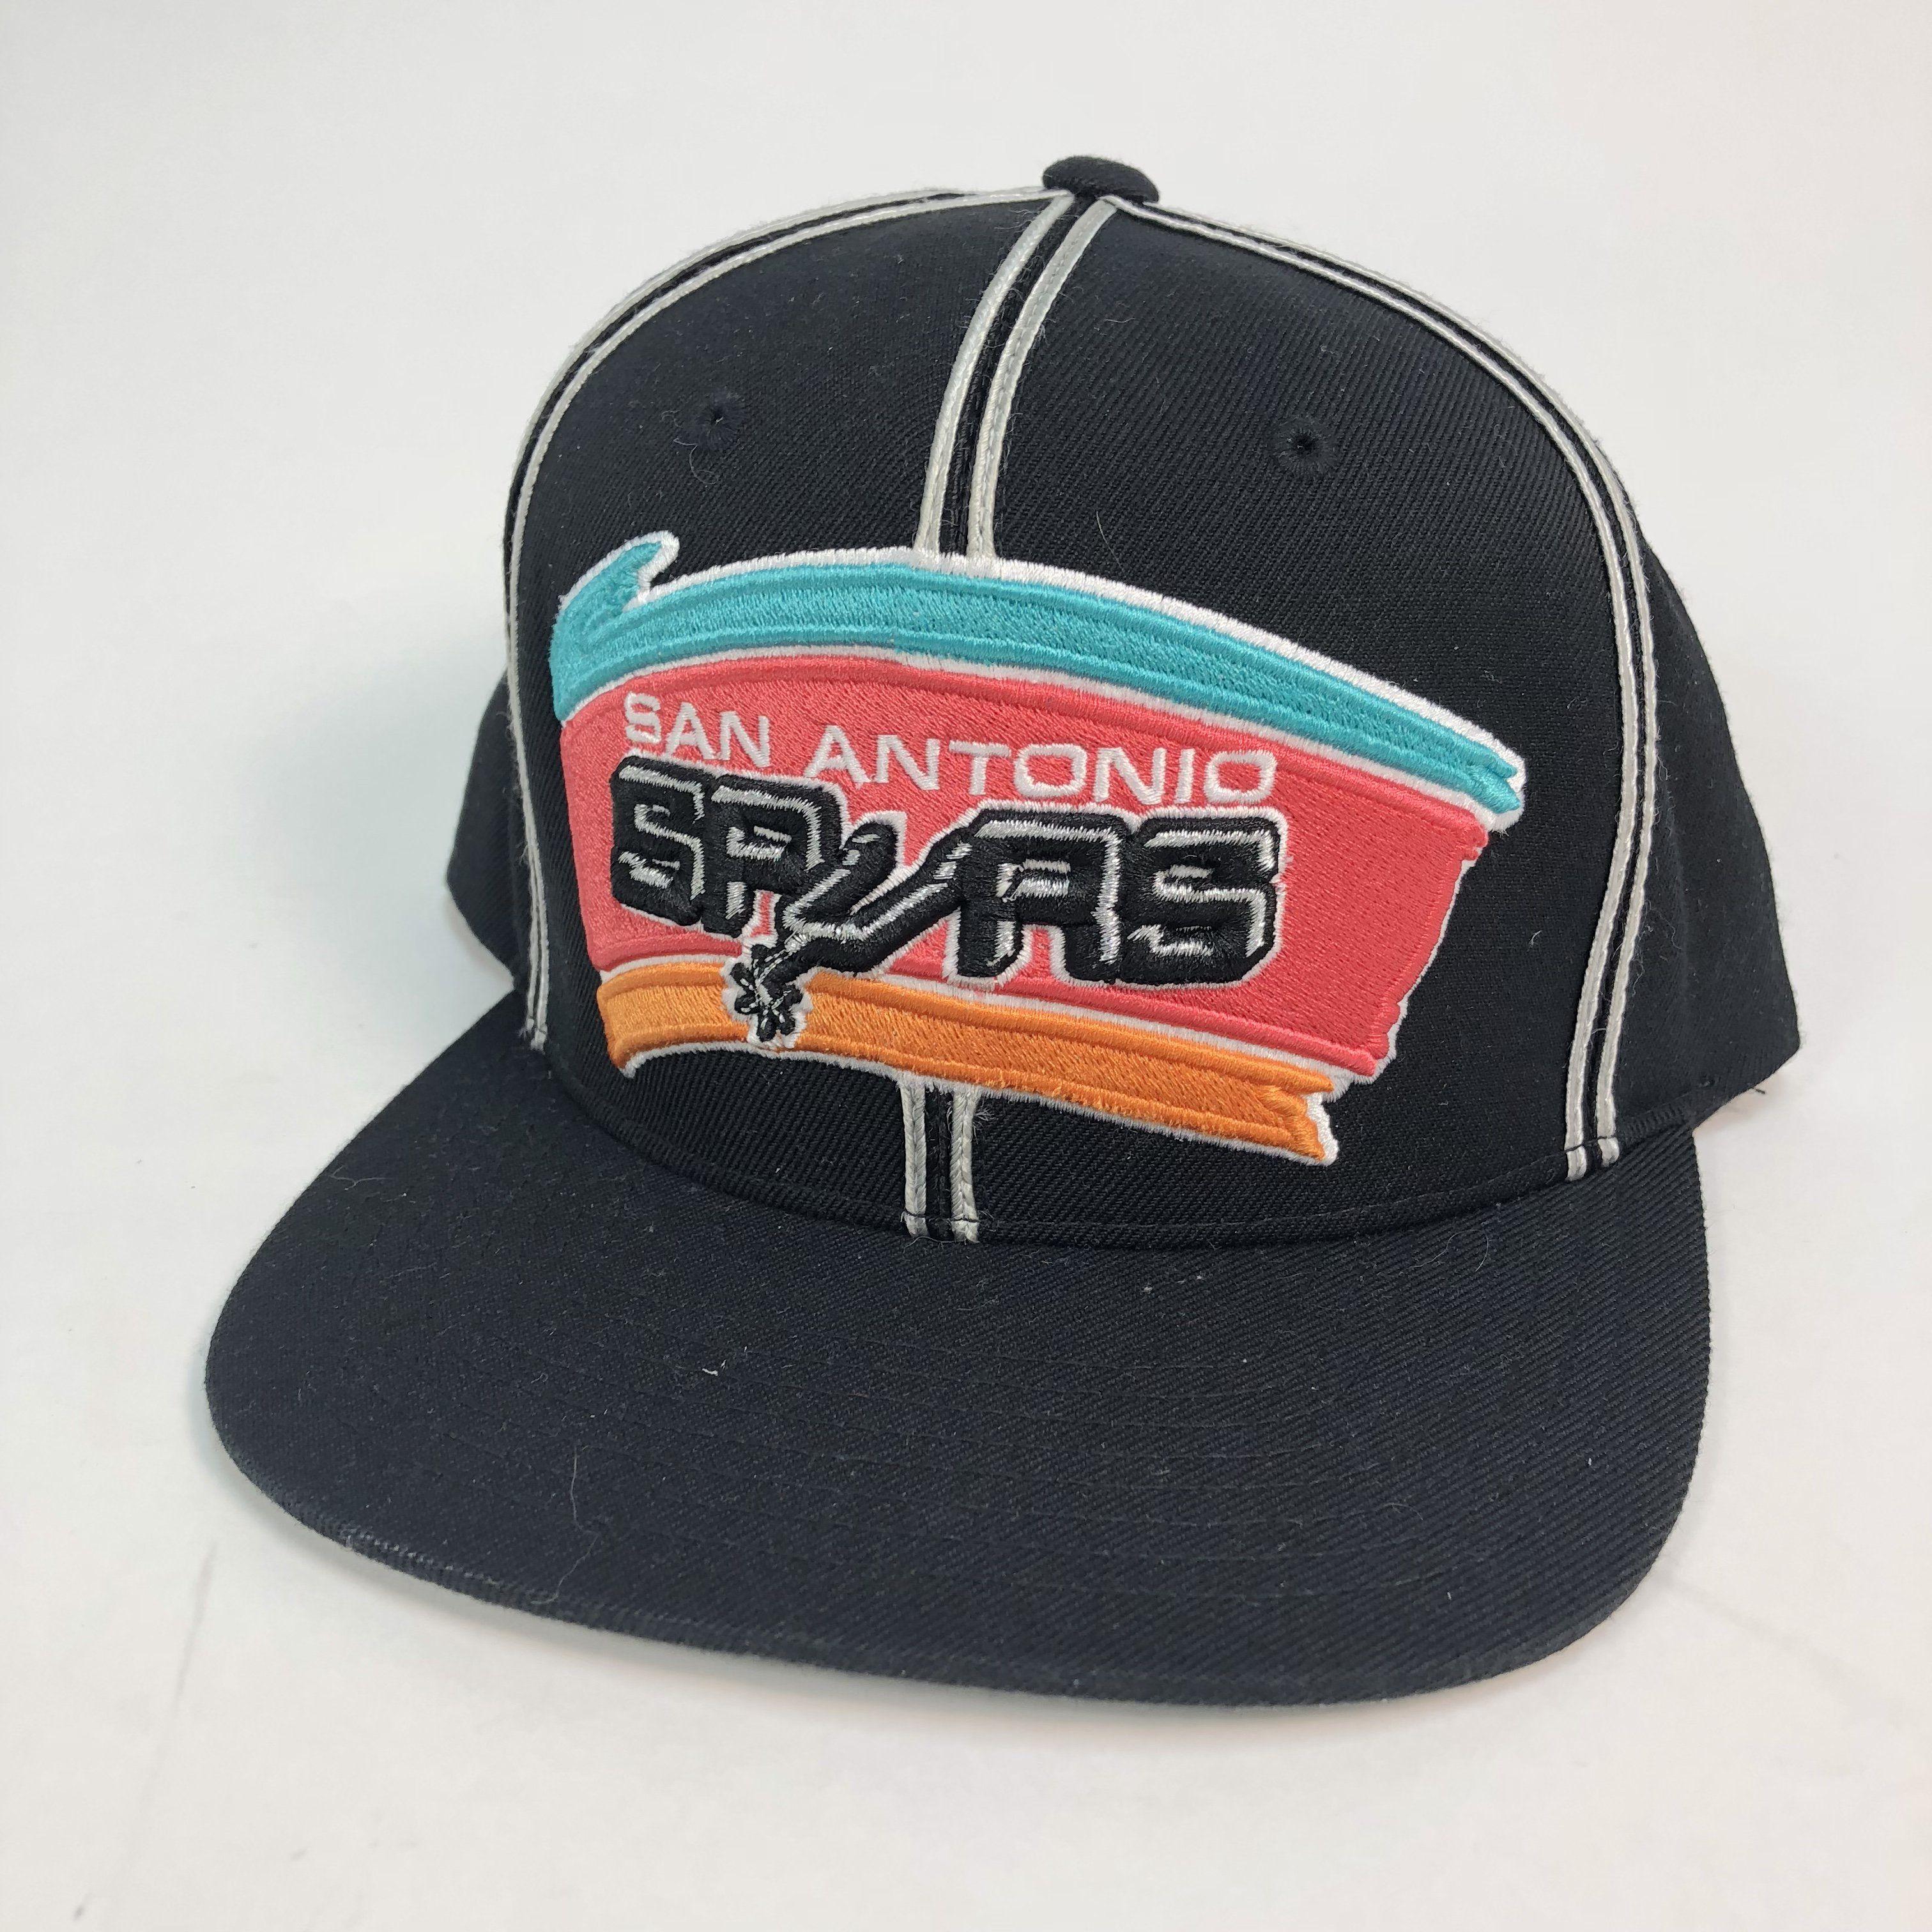 e6279053705ca San Antonio Spurs Mitchell   Ness NBA Hardwood Classics Flat Bill Snapback  Hat